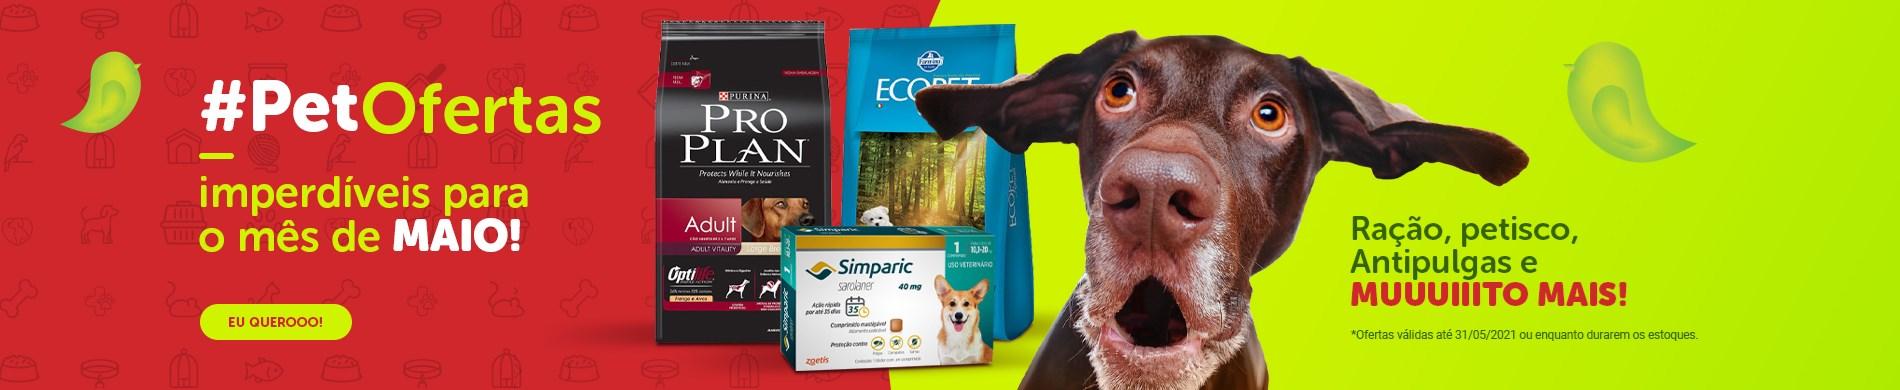 Pet ofertas para cachorro e gato